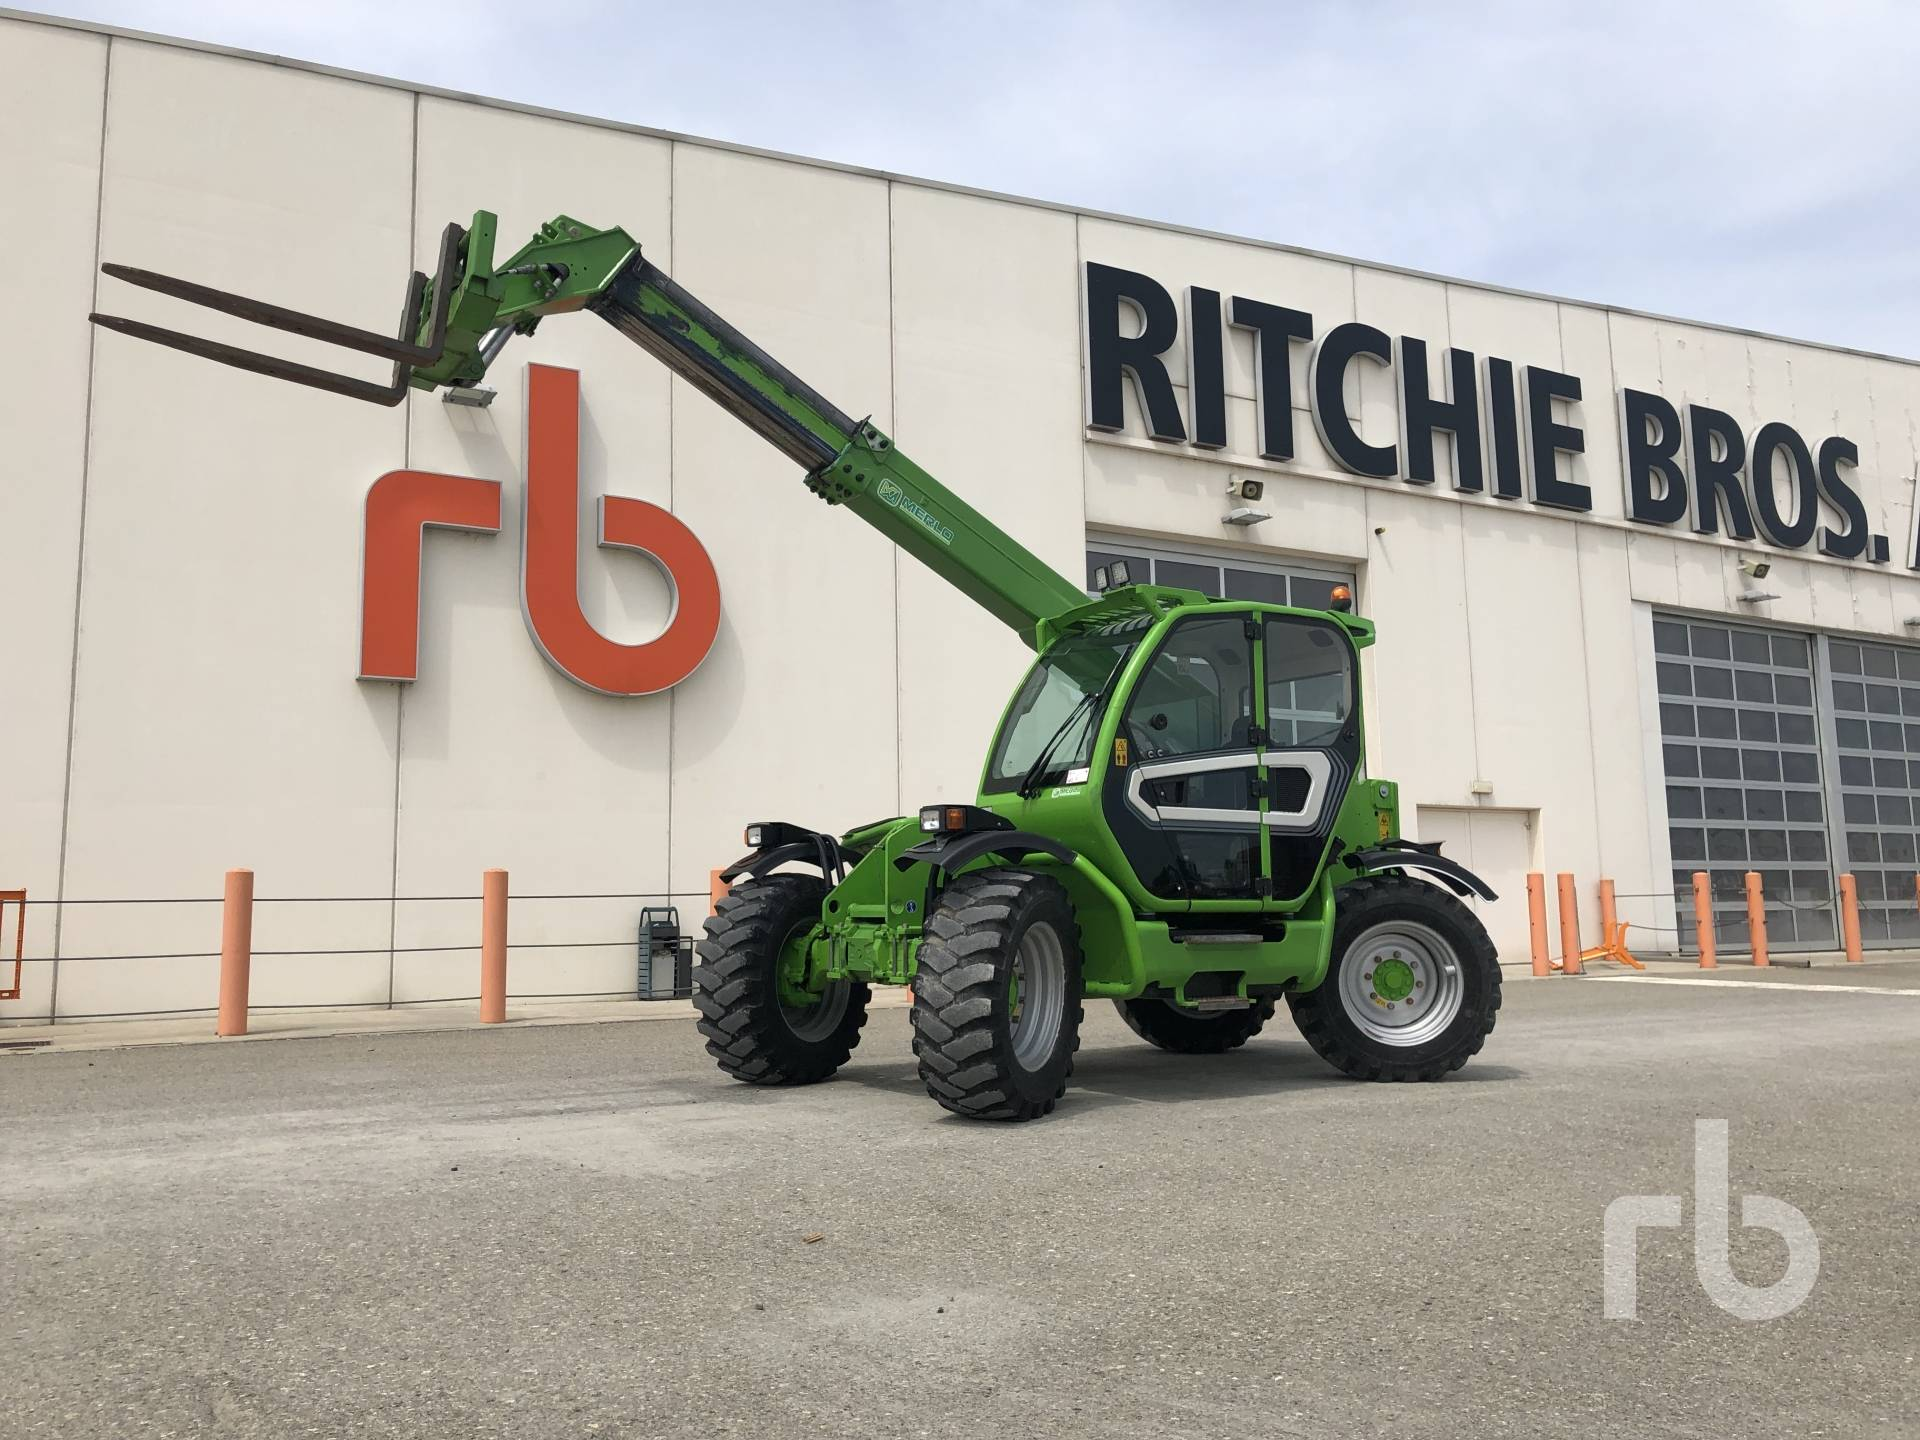 Ritchie Bros. Giovedì 20 giugno si riapre il sipario a Caorso